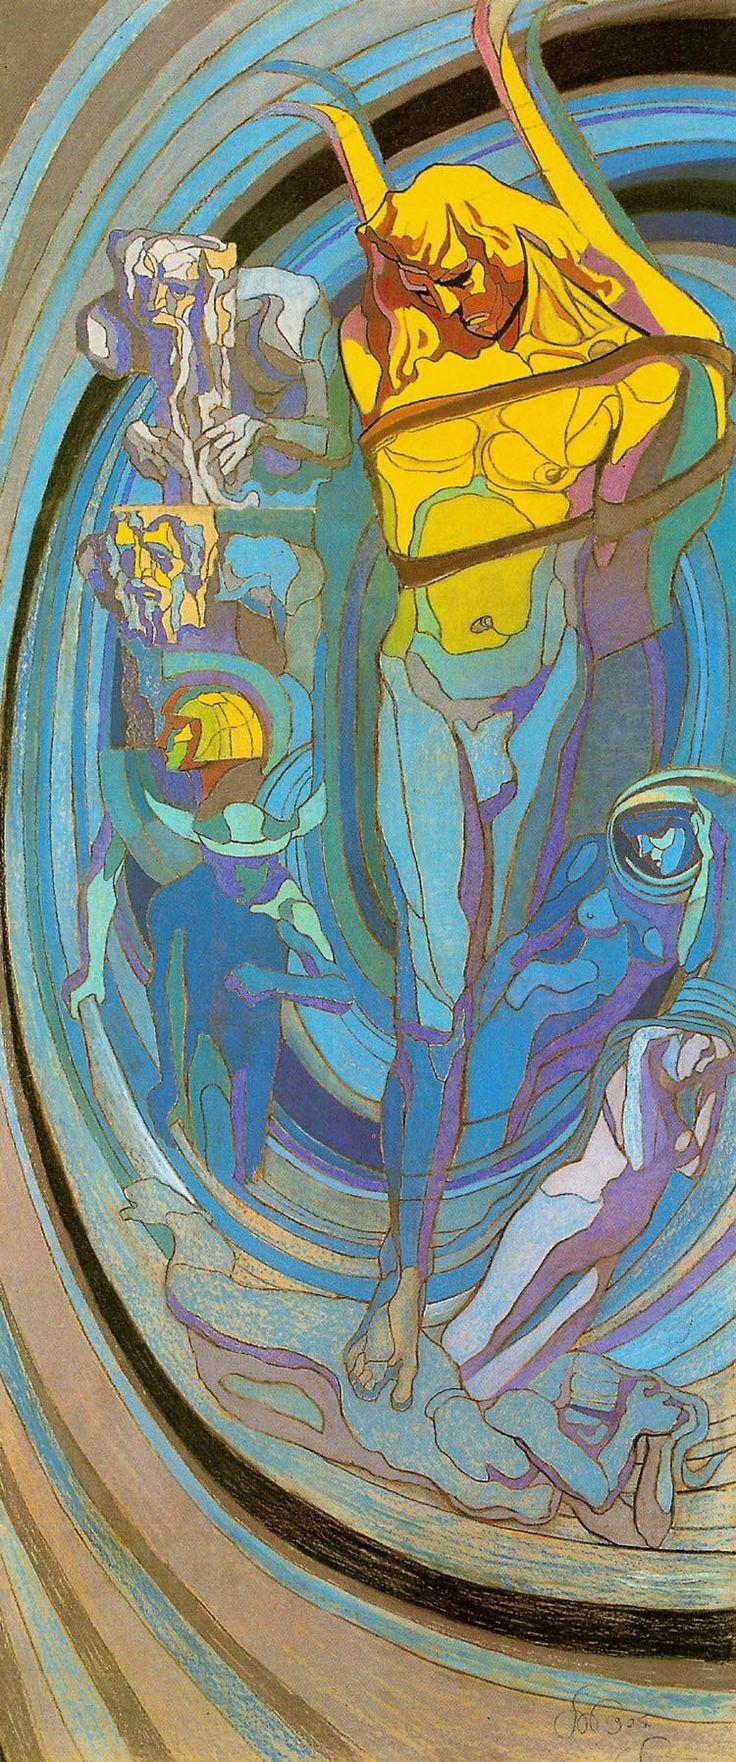 """Stanisław Wyspiański (Polish 1869–1907) """"Apollo"""", 1904, stained glass design, pastel, 343 x 146 cm, National Museum, Cracow."""